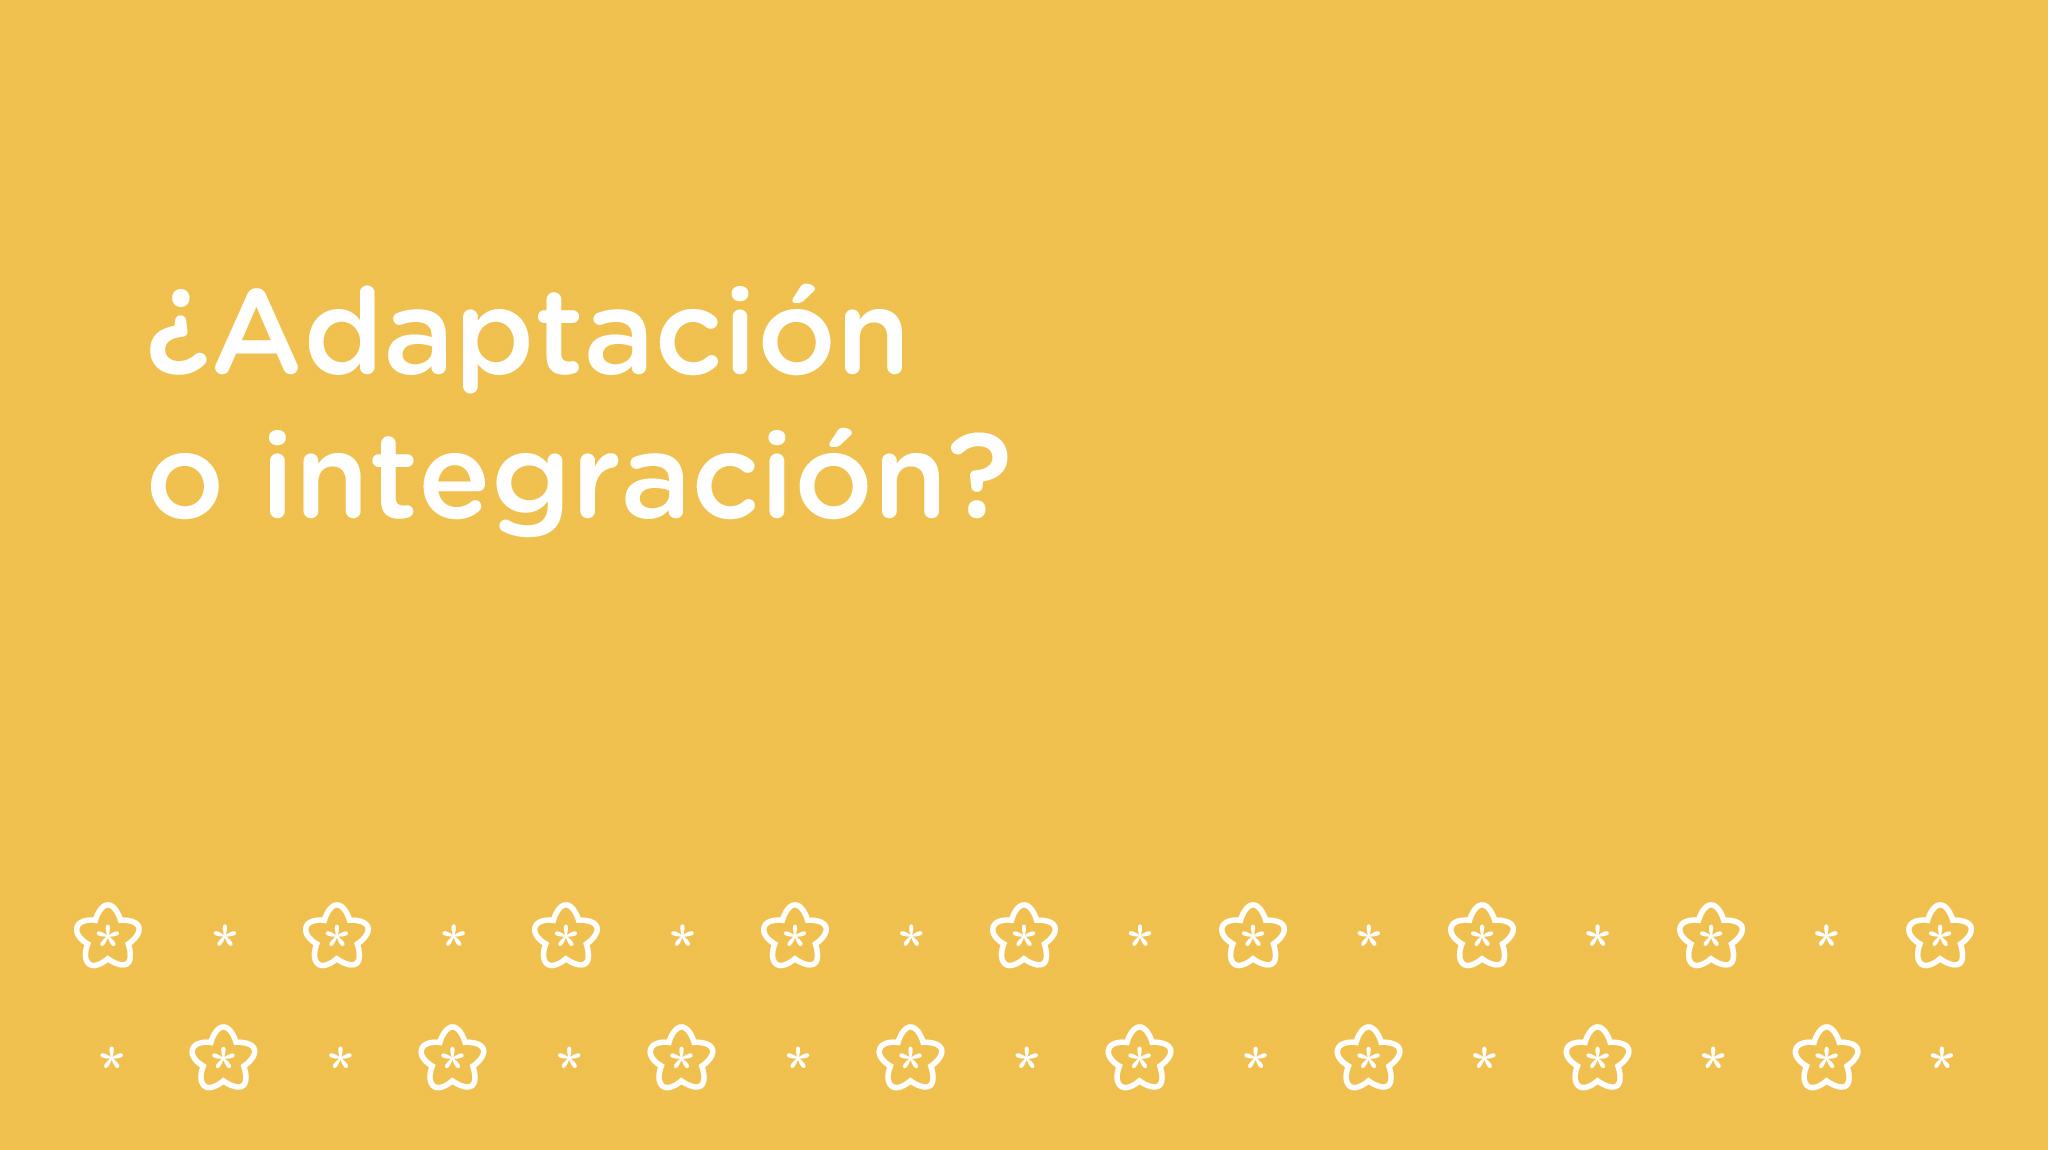 ¿Adaptación o integración?